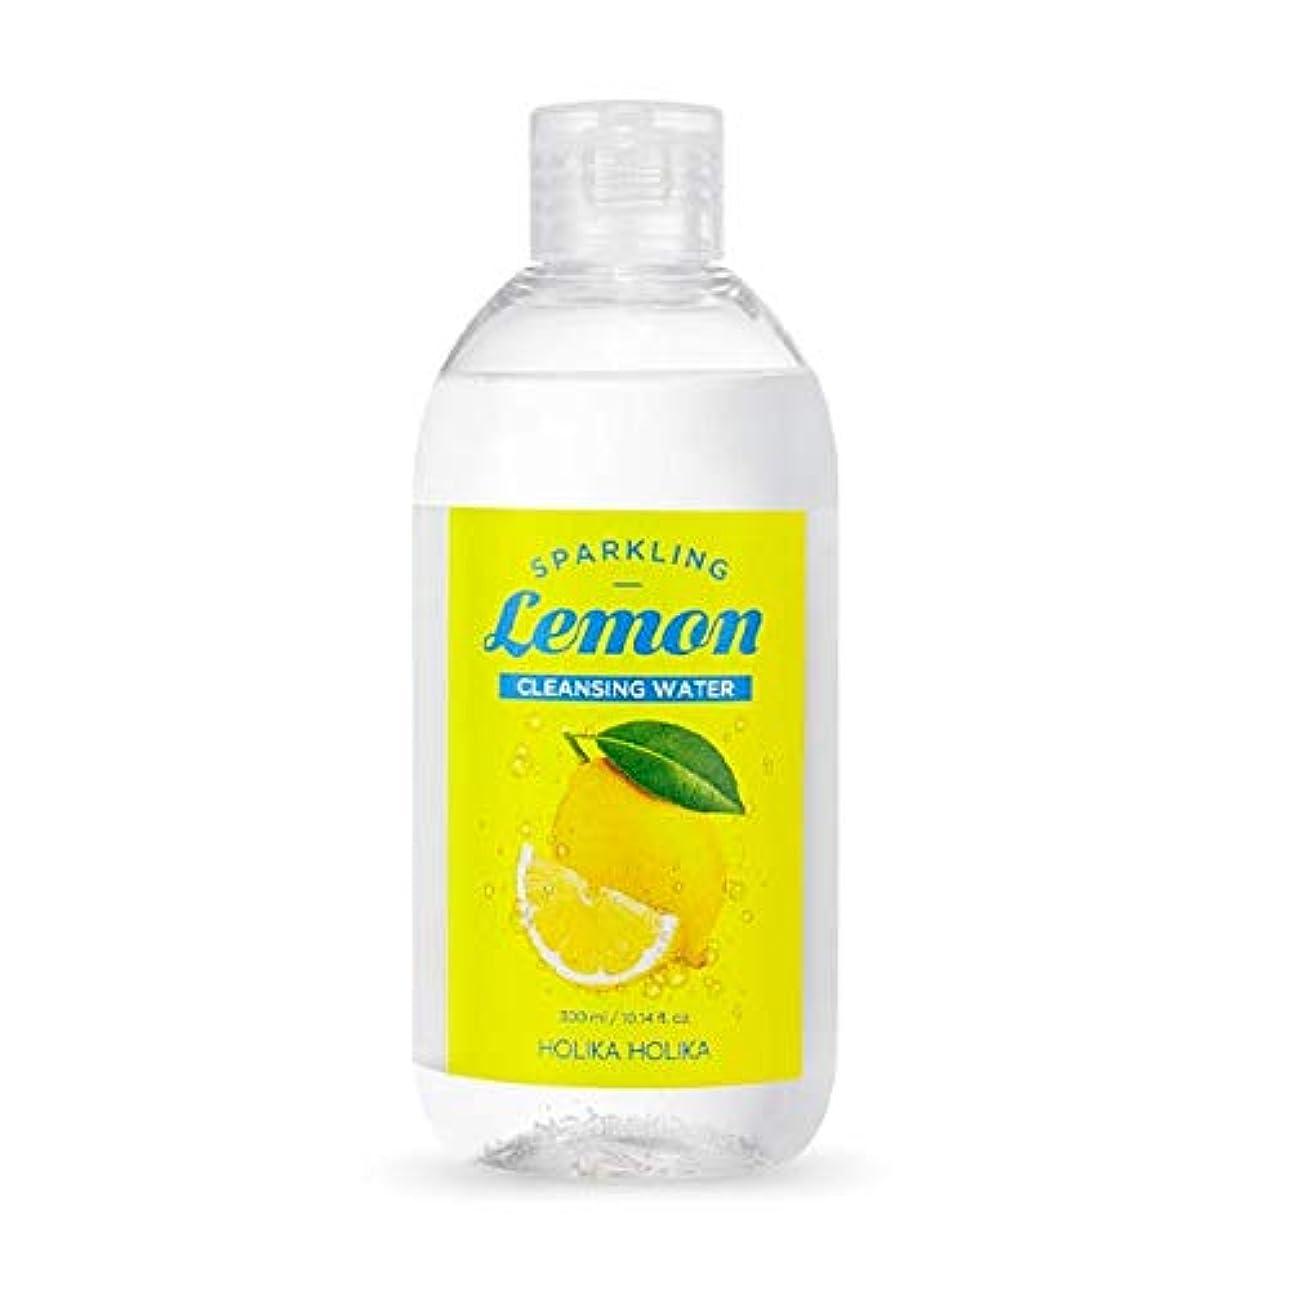 ポスター不毛の最もホリカホリカ 炭酸レモンクレンジングウォーター 300ml / Holika Holika Sparkling Lemon Cleansing Water 300ml [並行輸入品]